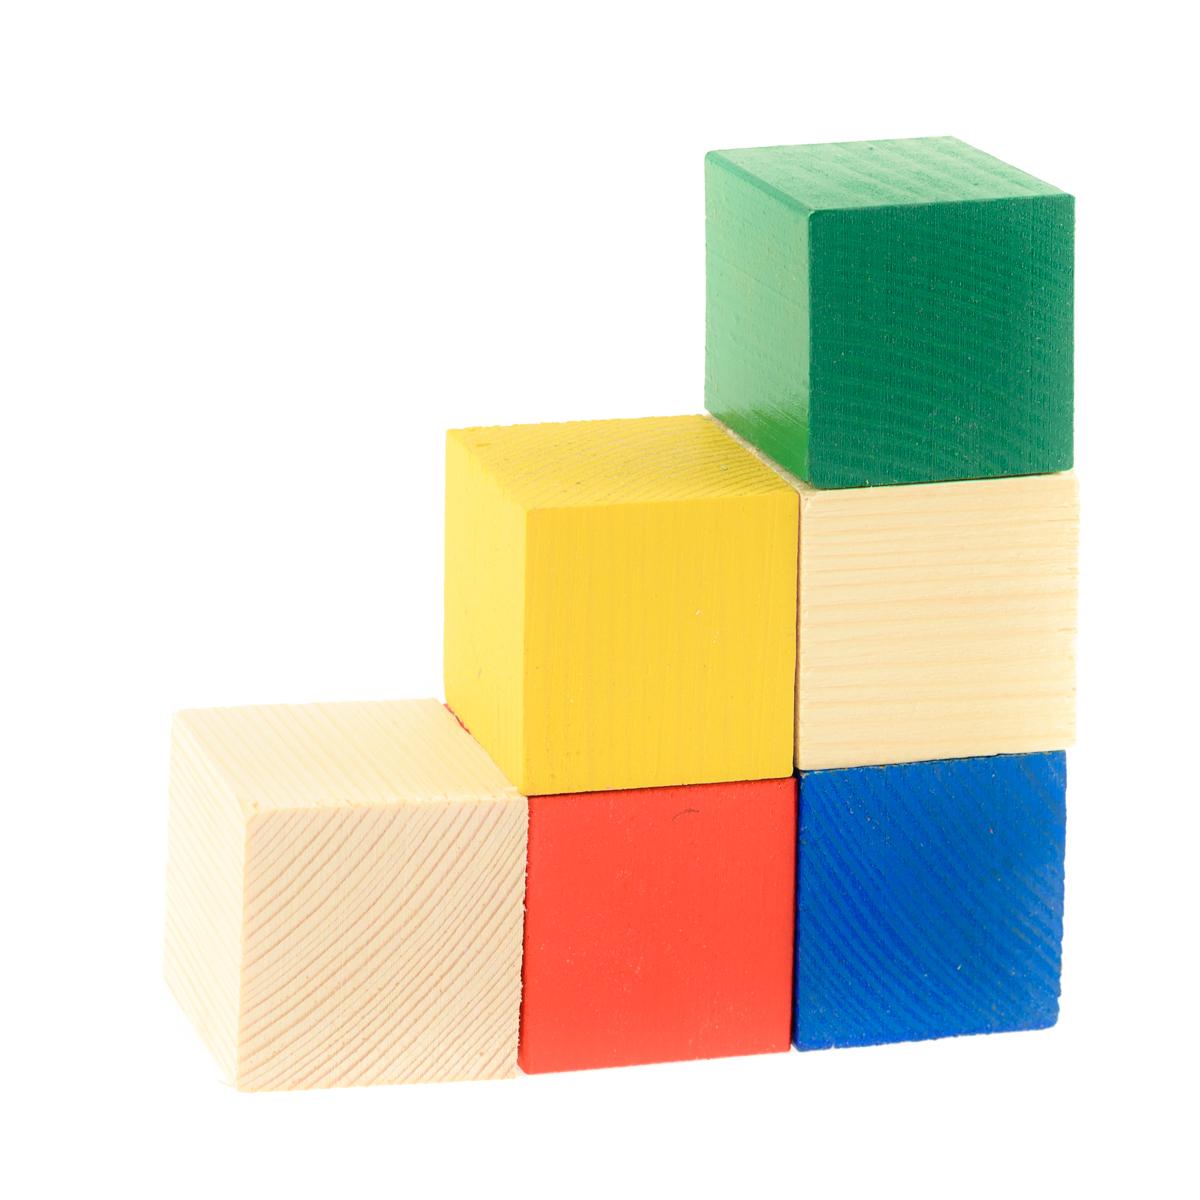 Развивающие деревянные игрушки Кубики Д154бД154бПеред вами мини-набор кубиков. Мы взяли только натуральное отечественное дерево мягких пород, провели минимум обработки, что позволило максимально сохранить ощущение фактуры дерева и его аромата, а экологичные краски на водной основе лишь подчеркнули все природные черты дерева. Кубики послужат прекрасным строительным материалом для юных строителей. Их можно использовать в качестве счетного материала, для изучения основных цветов.